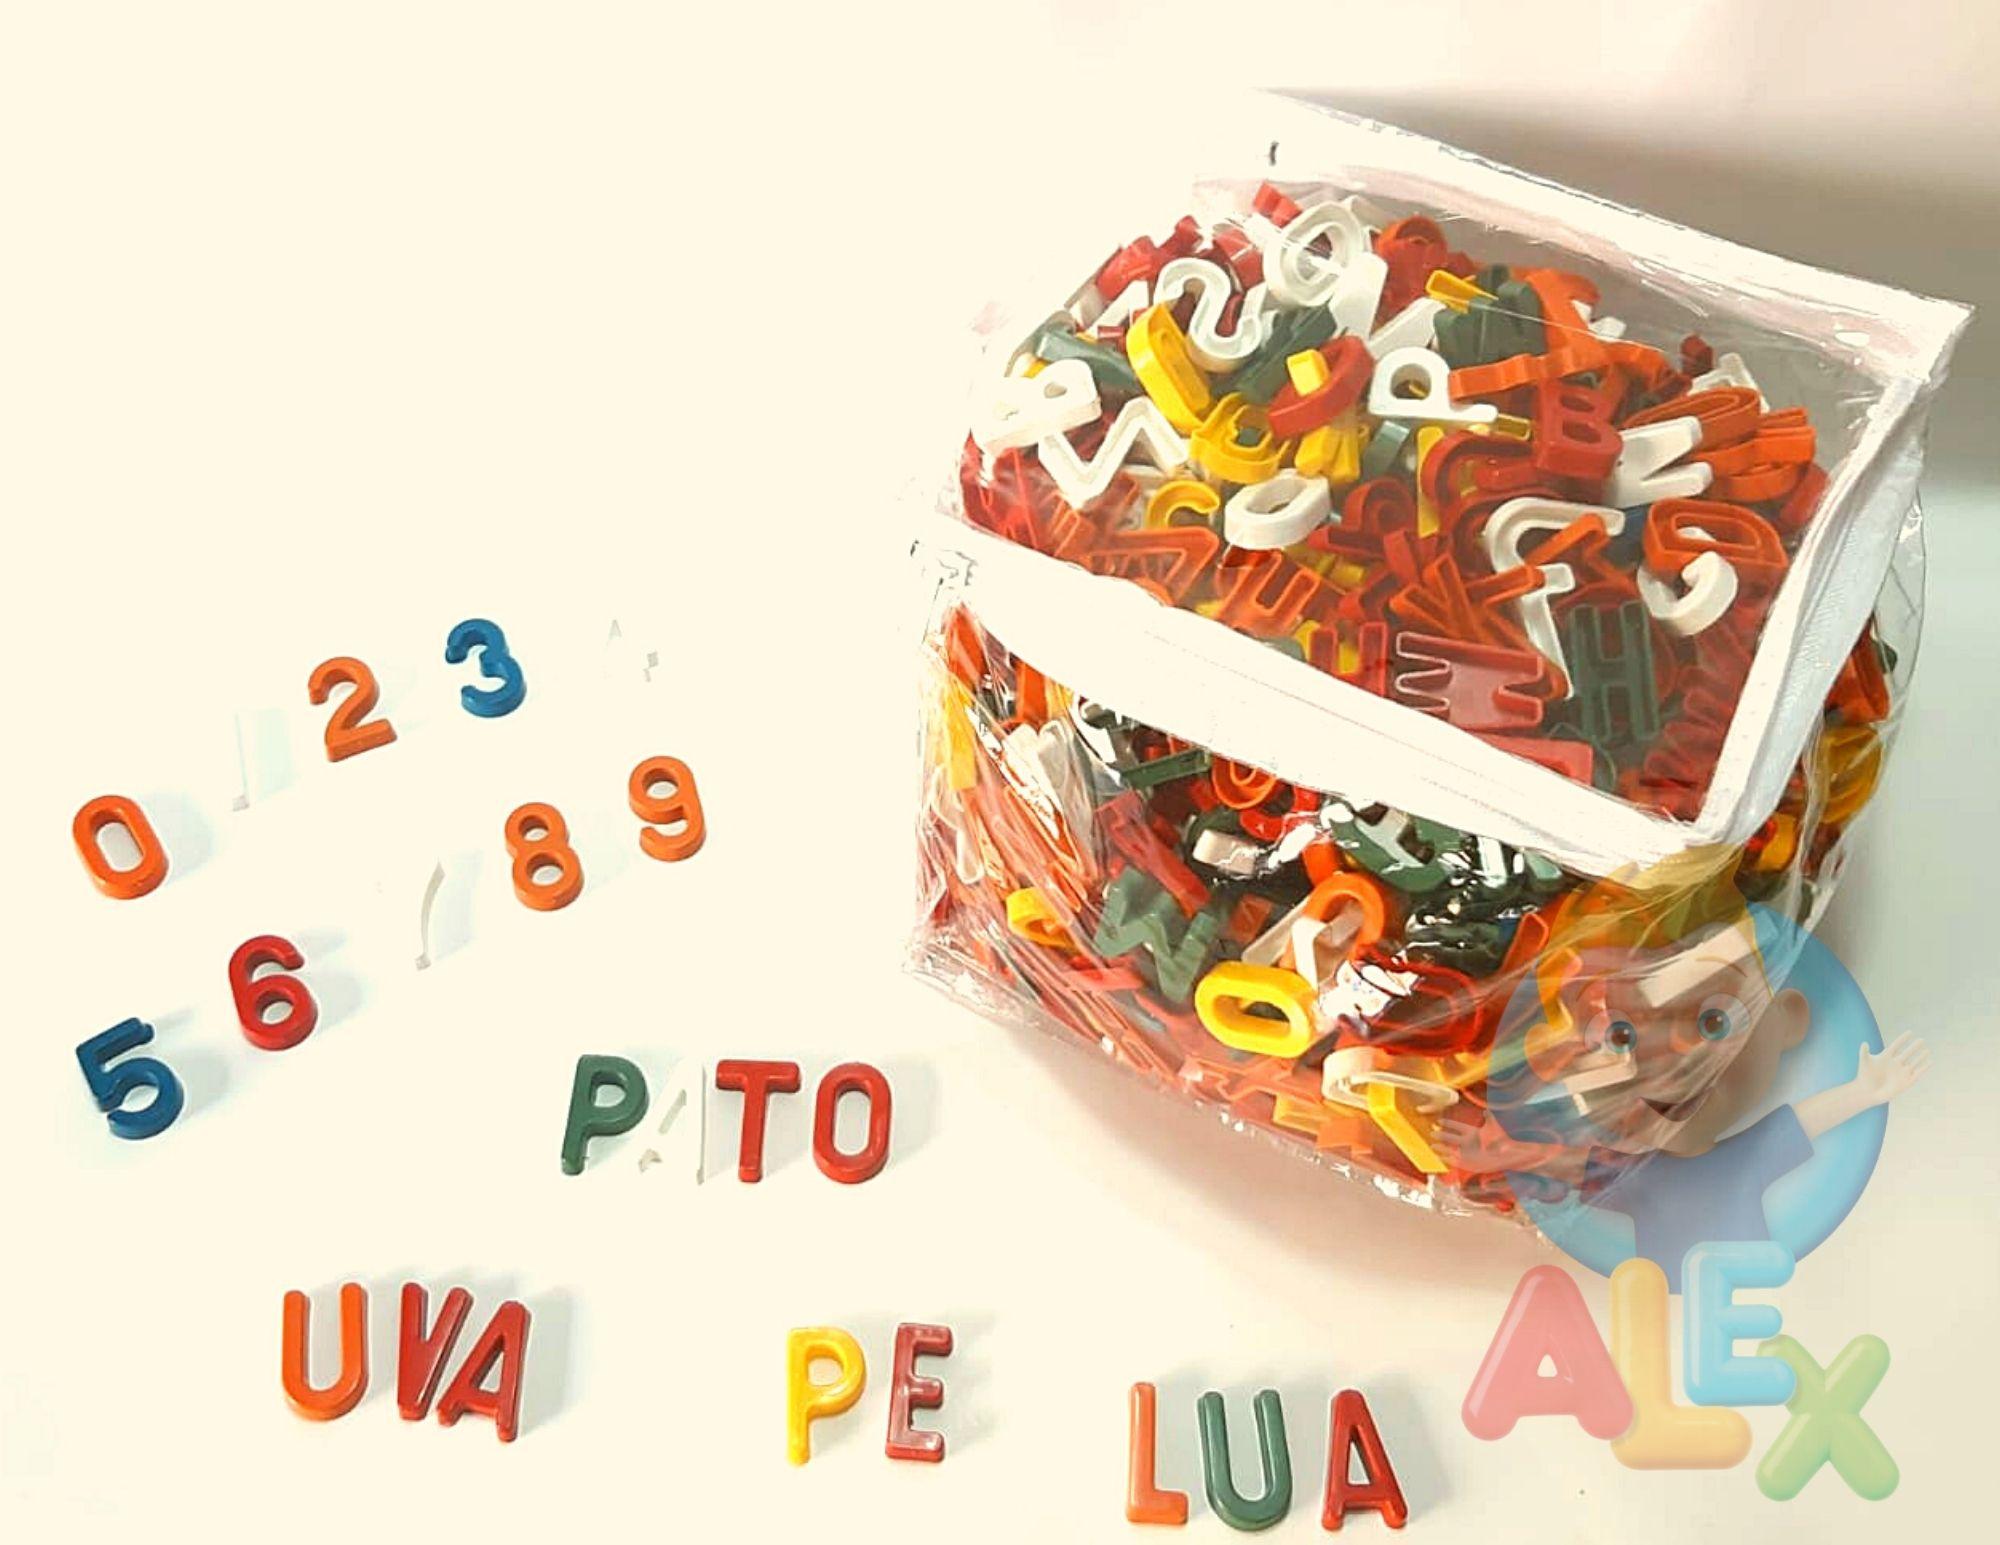 Sacola Alfanumérica - Letras E Números - De Plástico - 1000 Peças